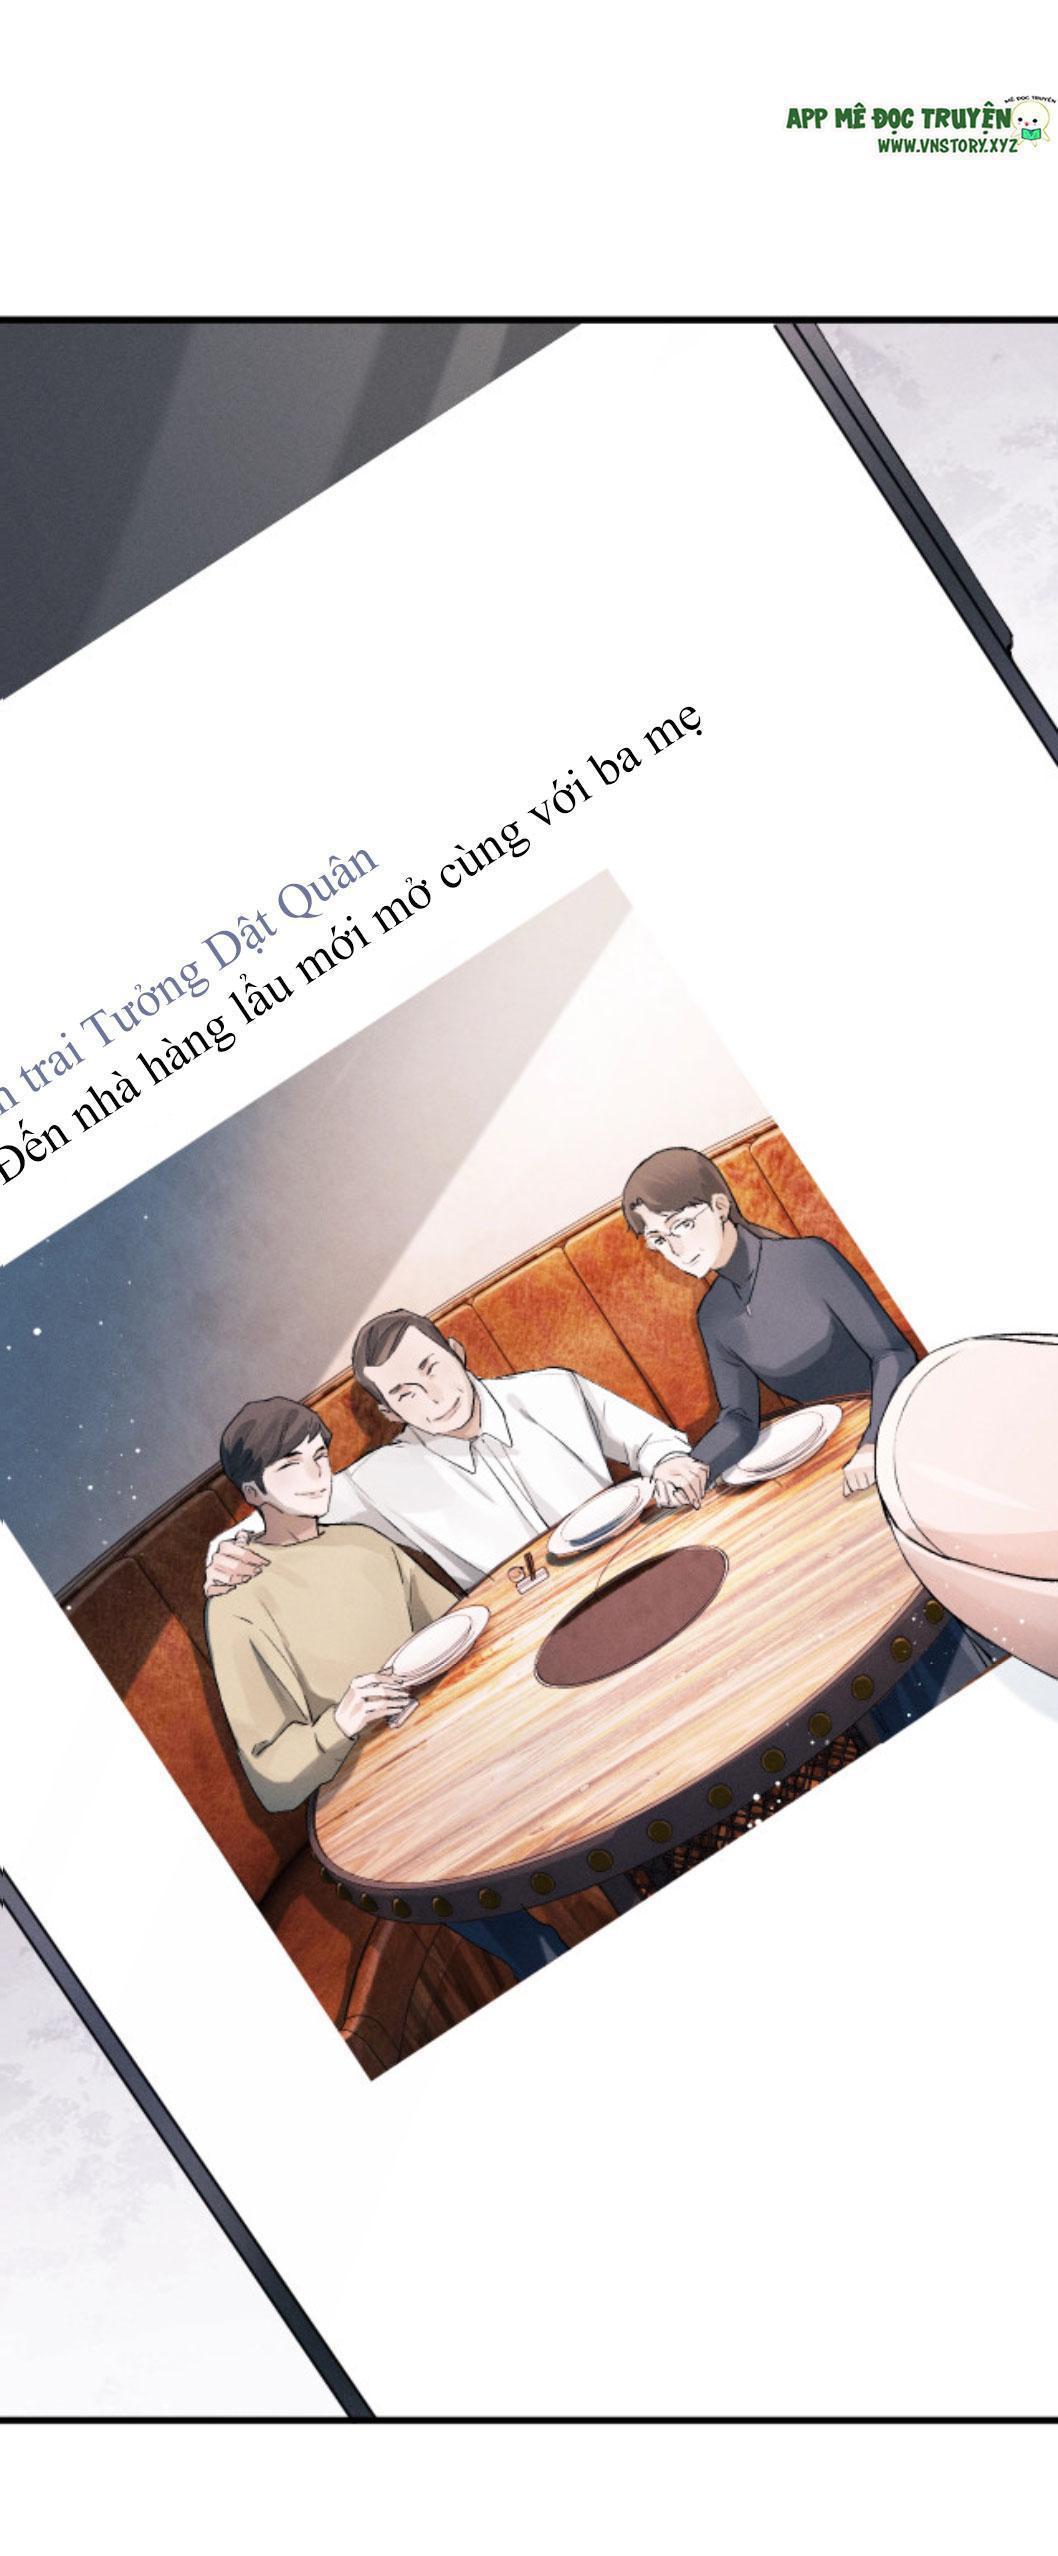 Ngang tàng: Chương 13: Anh ngầu chọc thủng trần nhà?!